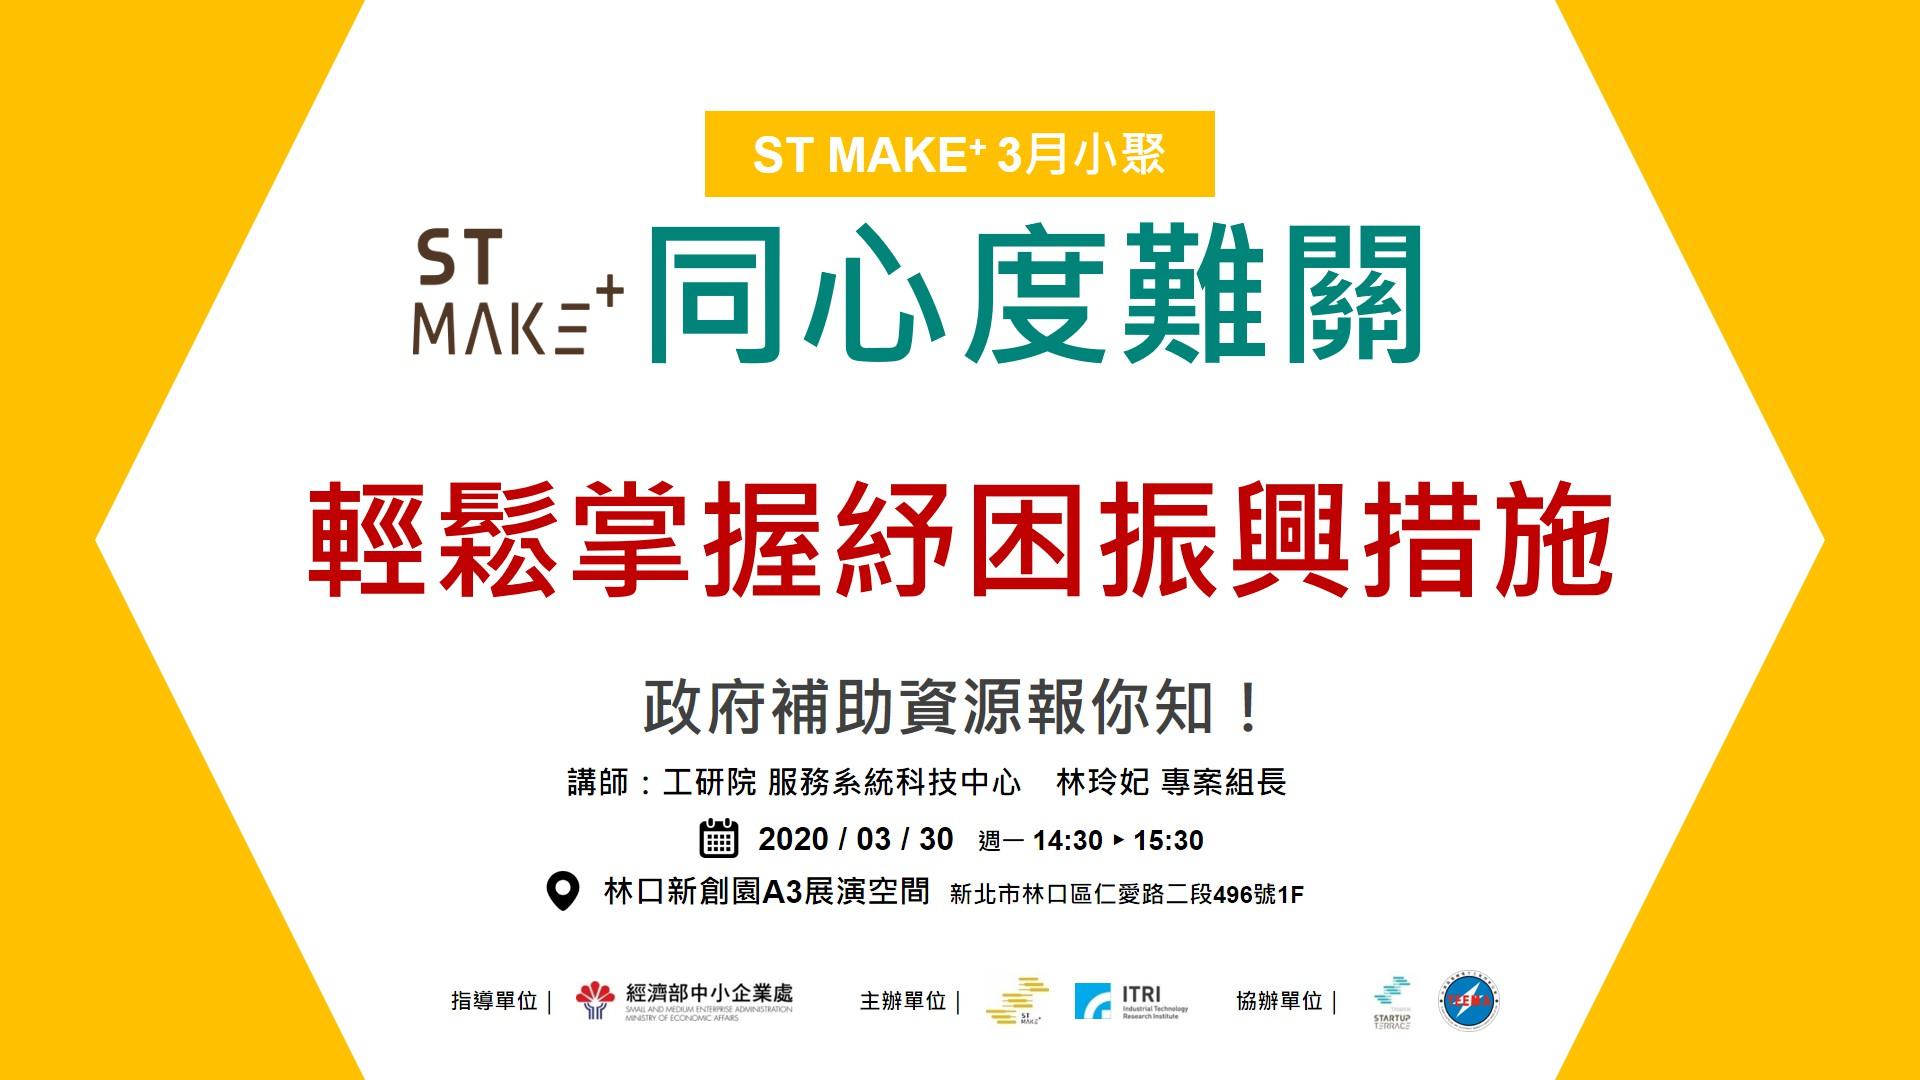 ST MAKE+ 3月小聚